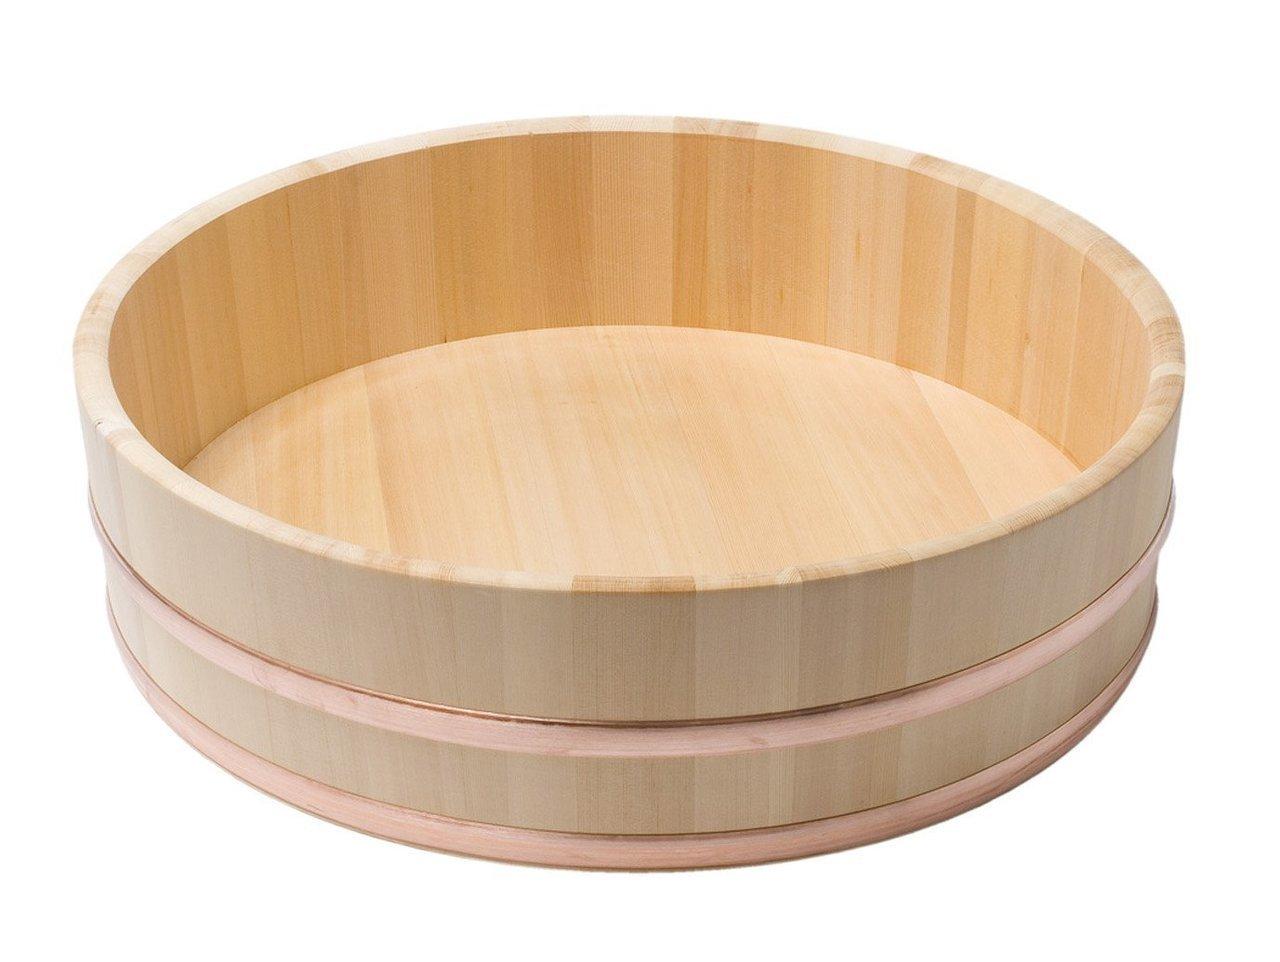 JapanBargain S-4085, Japanese Sawara Cypress Wooden Sushi Oke Hangiri Mixing Bowl, 45 cm